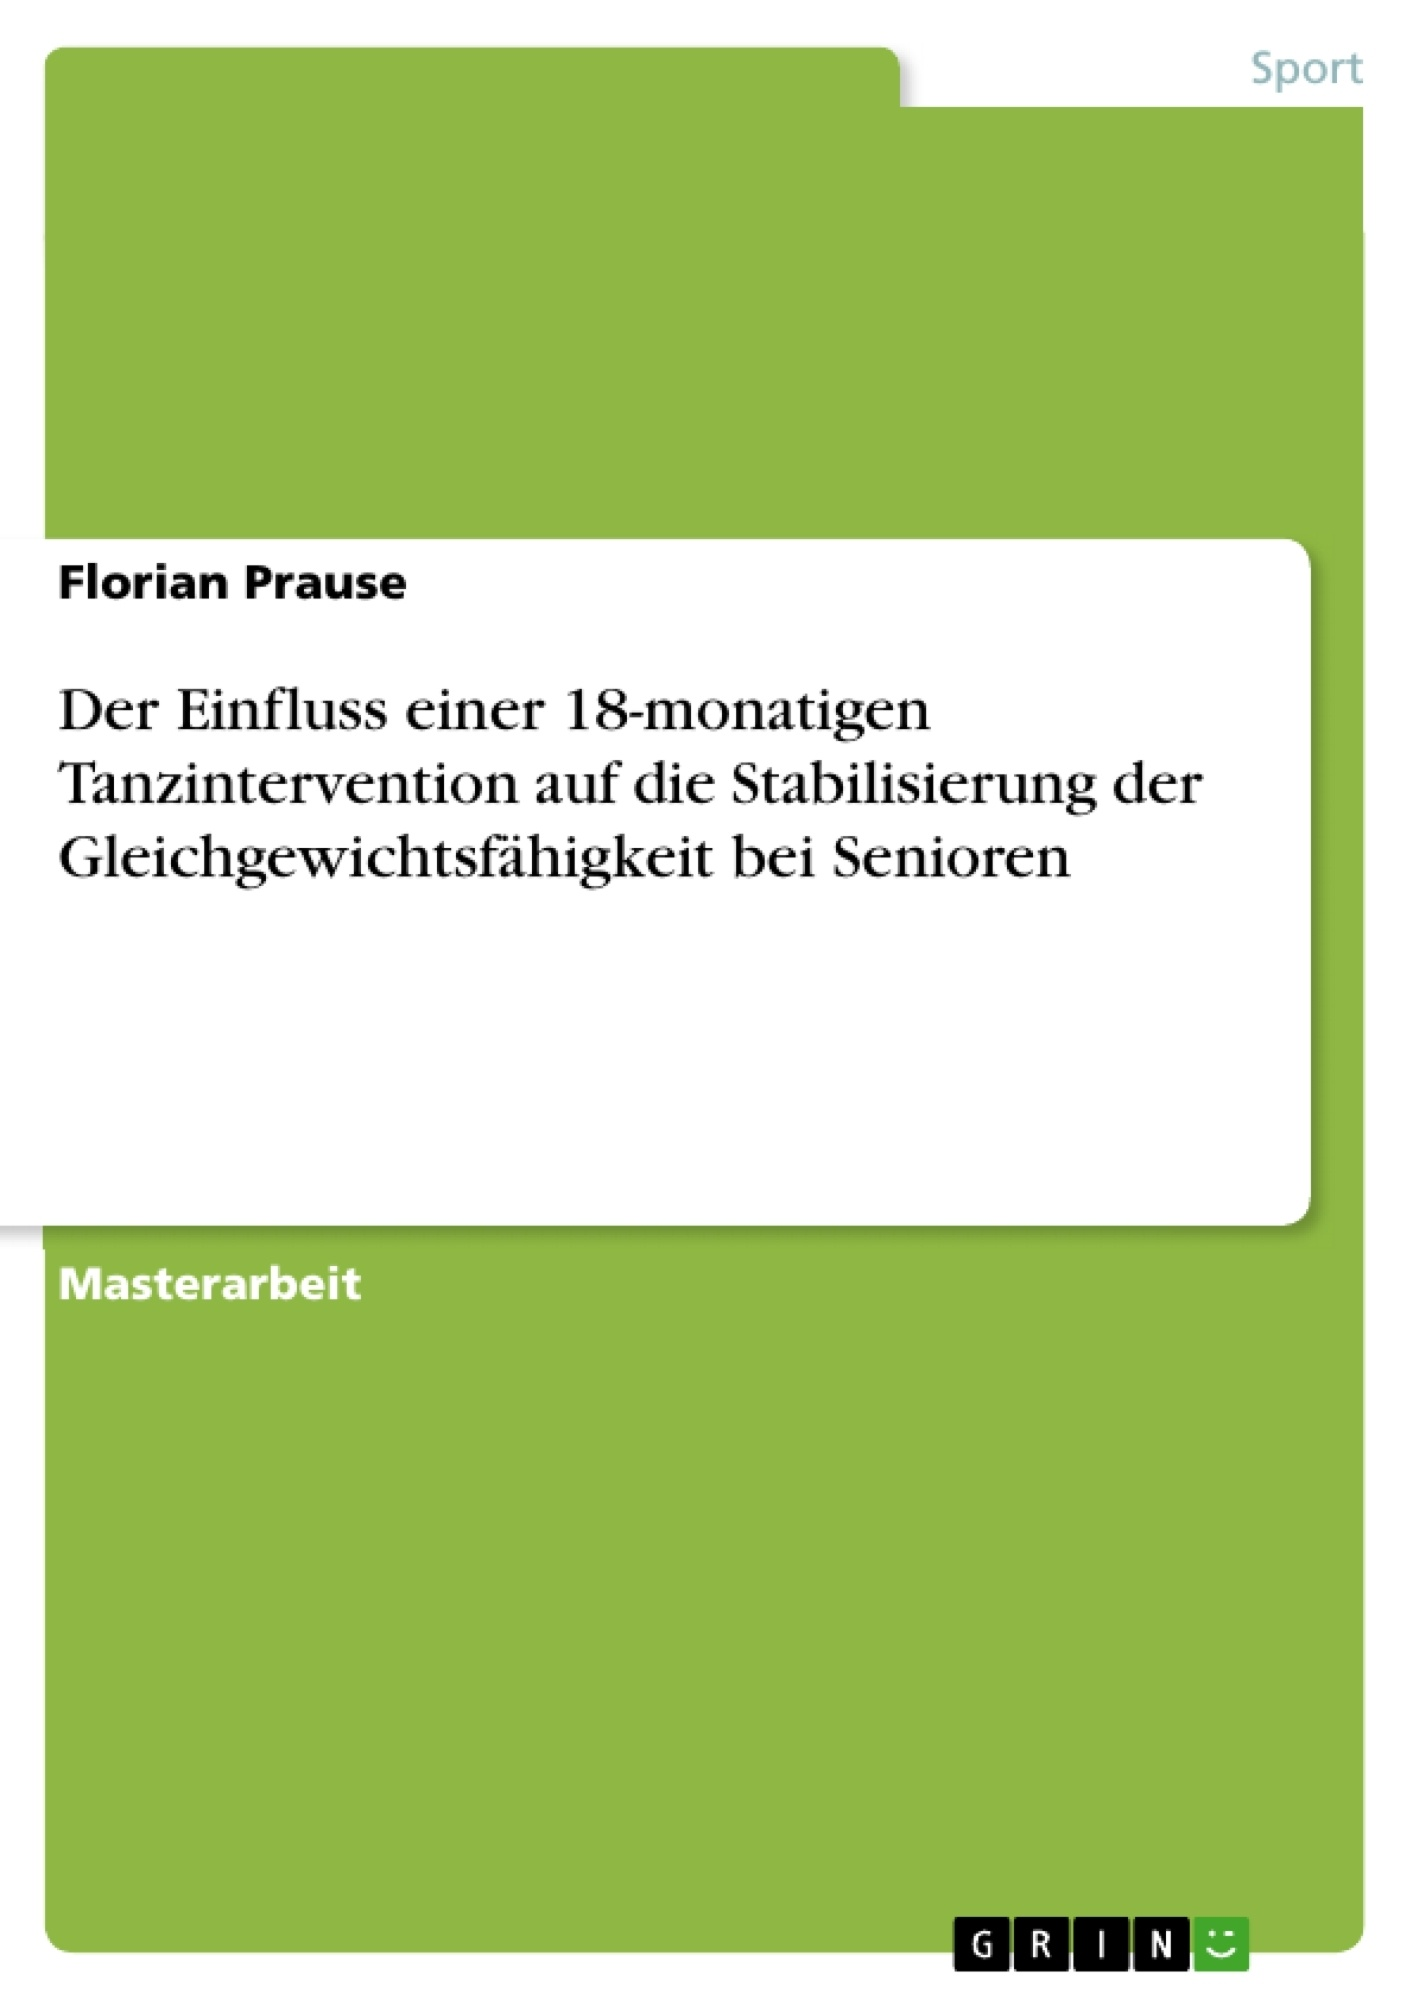 Titel: Der Einfluss einer 18-monatigen Tanzintervention auf die Stabilisierung der Gleichgewichtsfähigkeit bei Senioren